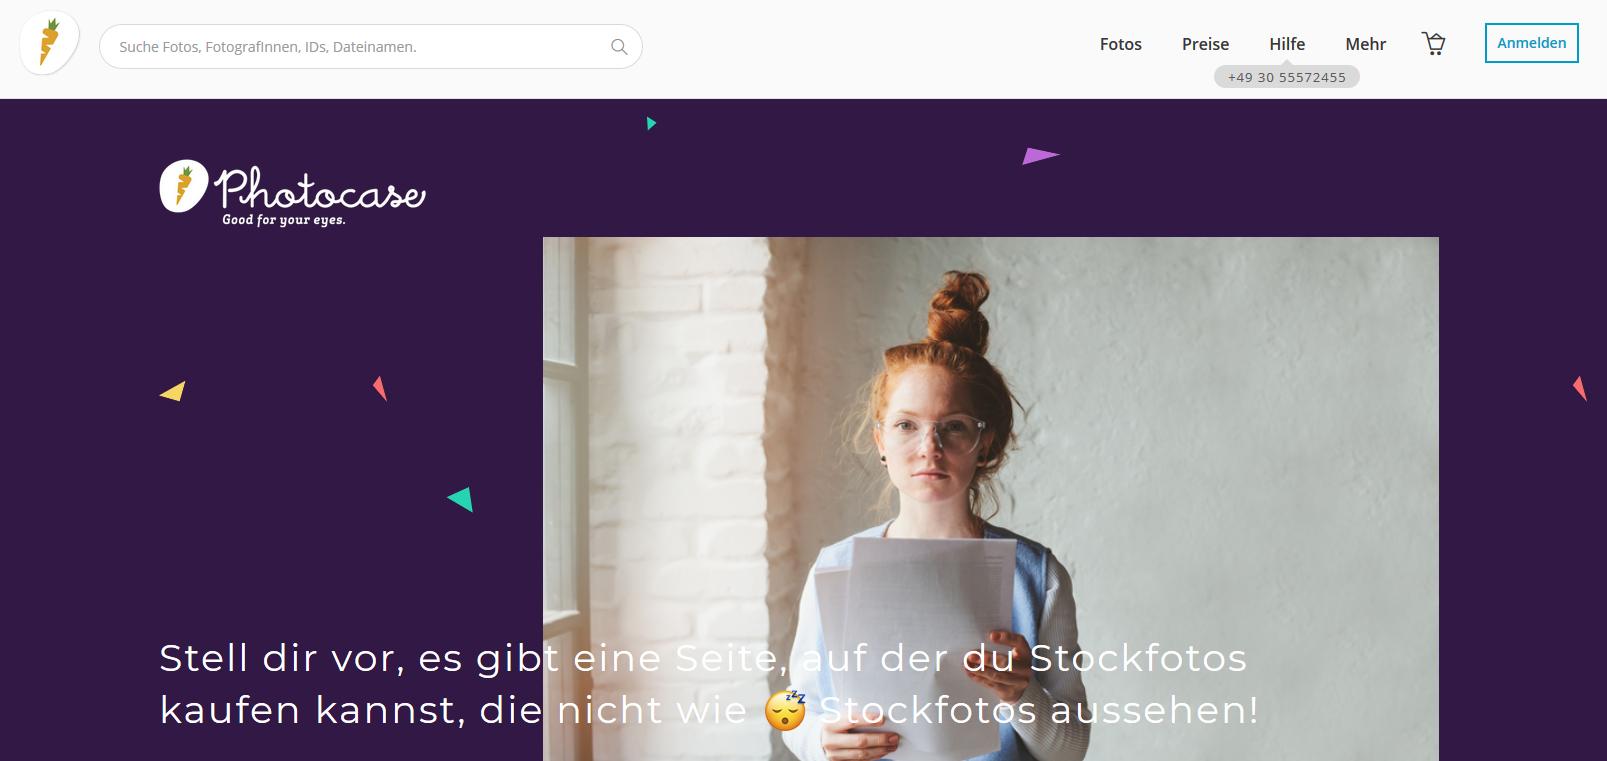 Photocase Stockdatenbank - 8 deutsche Stockdatenbanken, die du noch nicht kennst